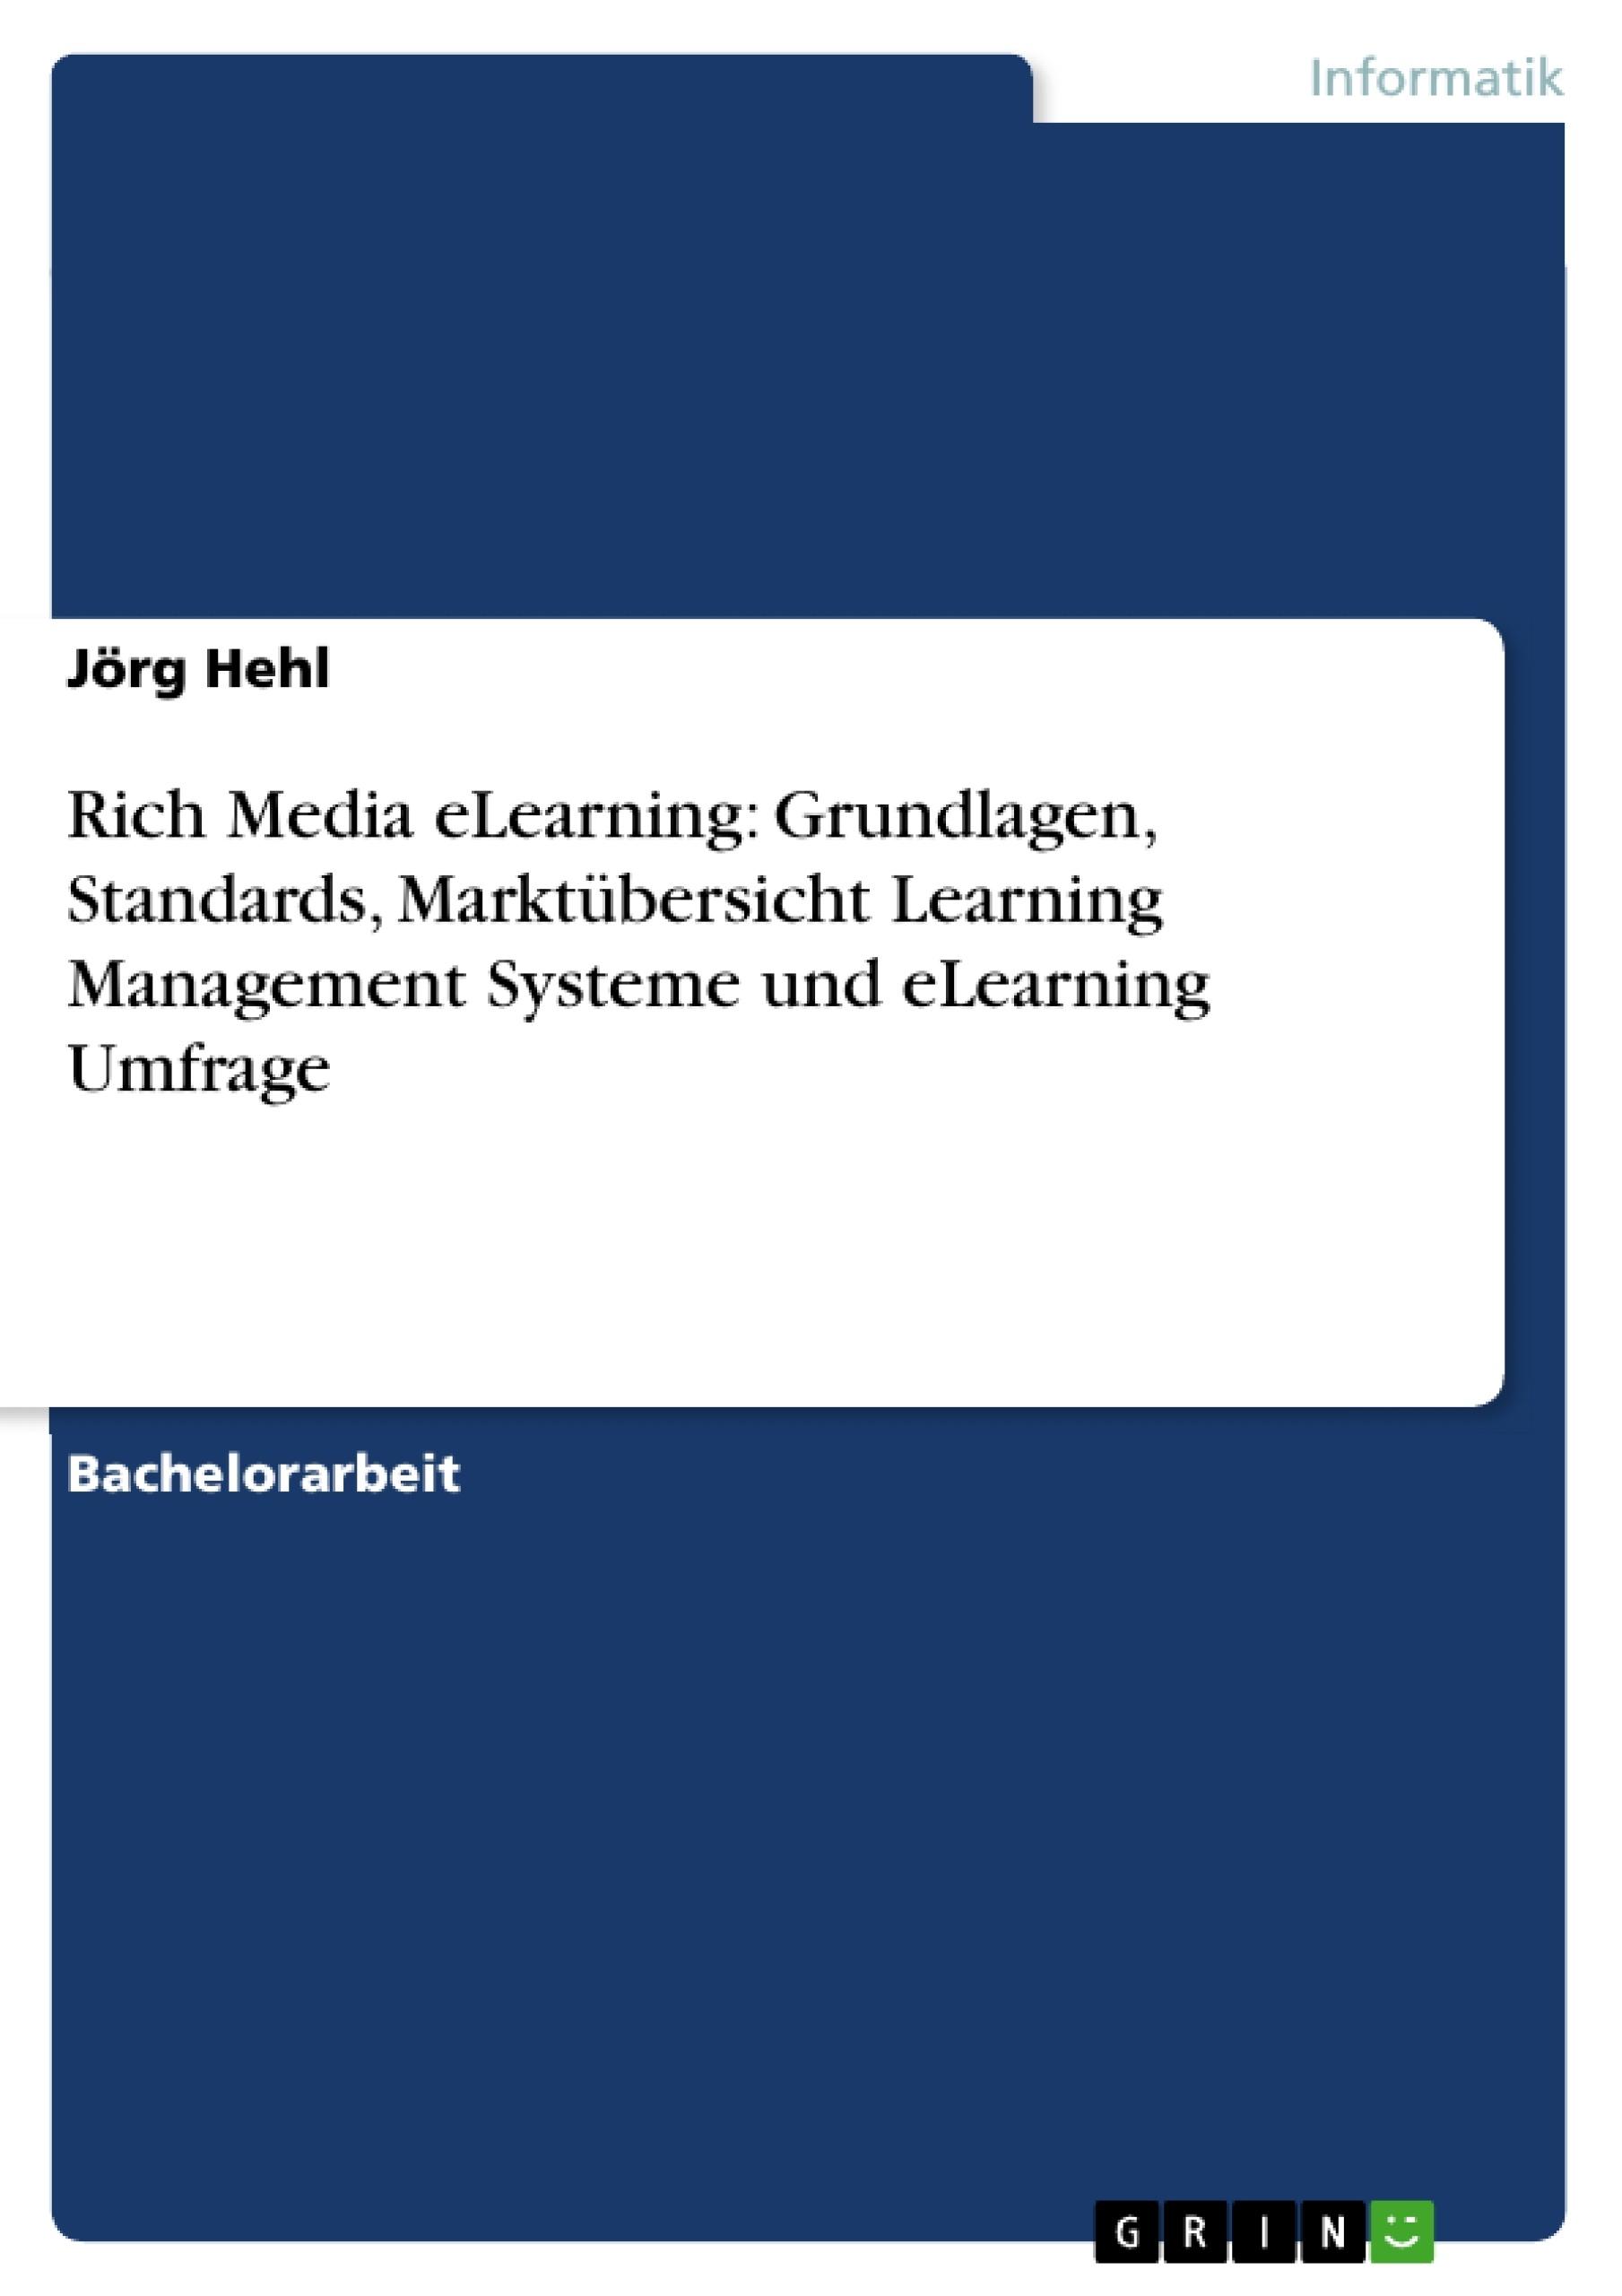 Titel: Rich Media eLearning: Grundlagen, Standards, Marktübersicht Learning Management Systeme und eLearning Umfrage